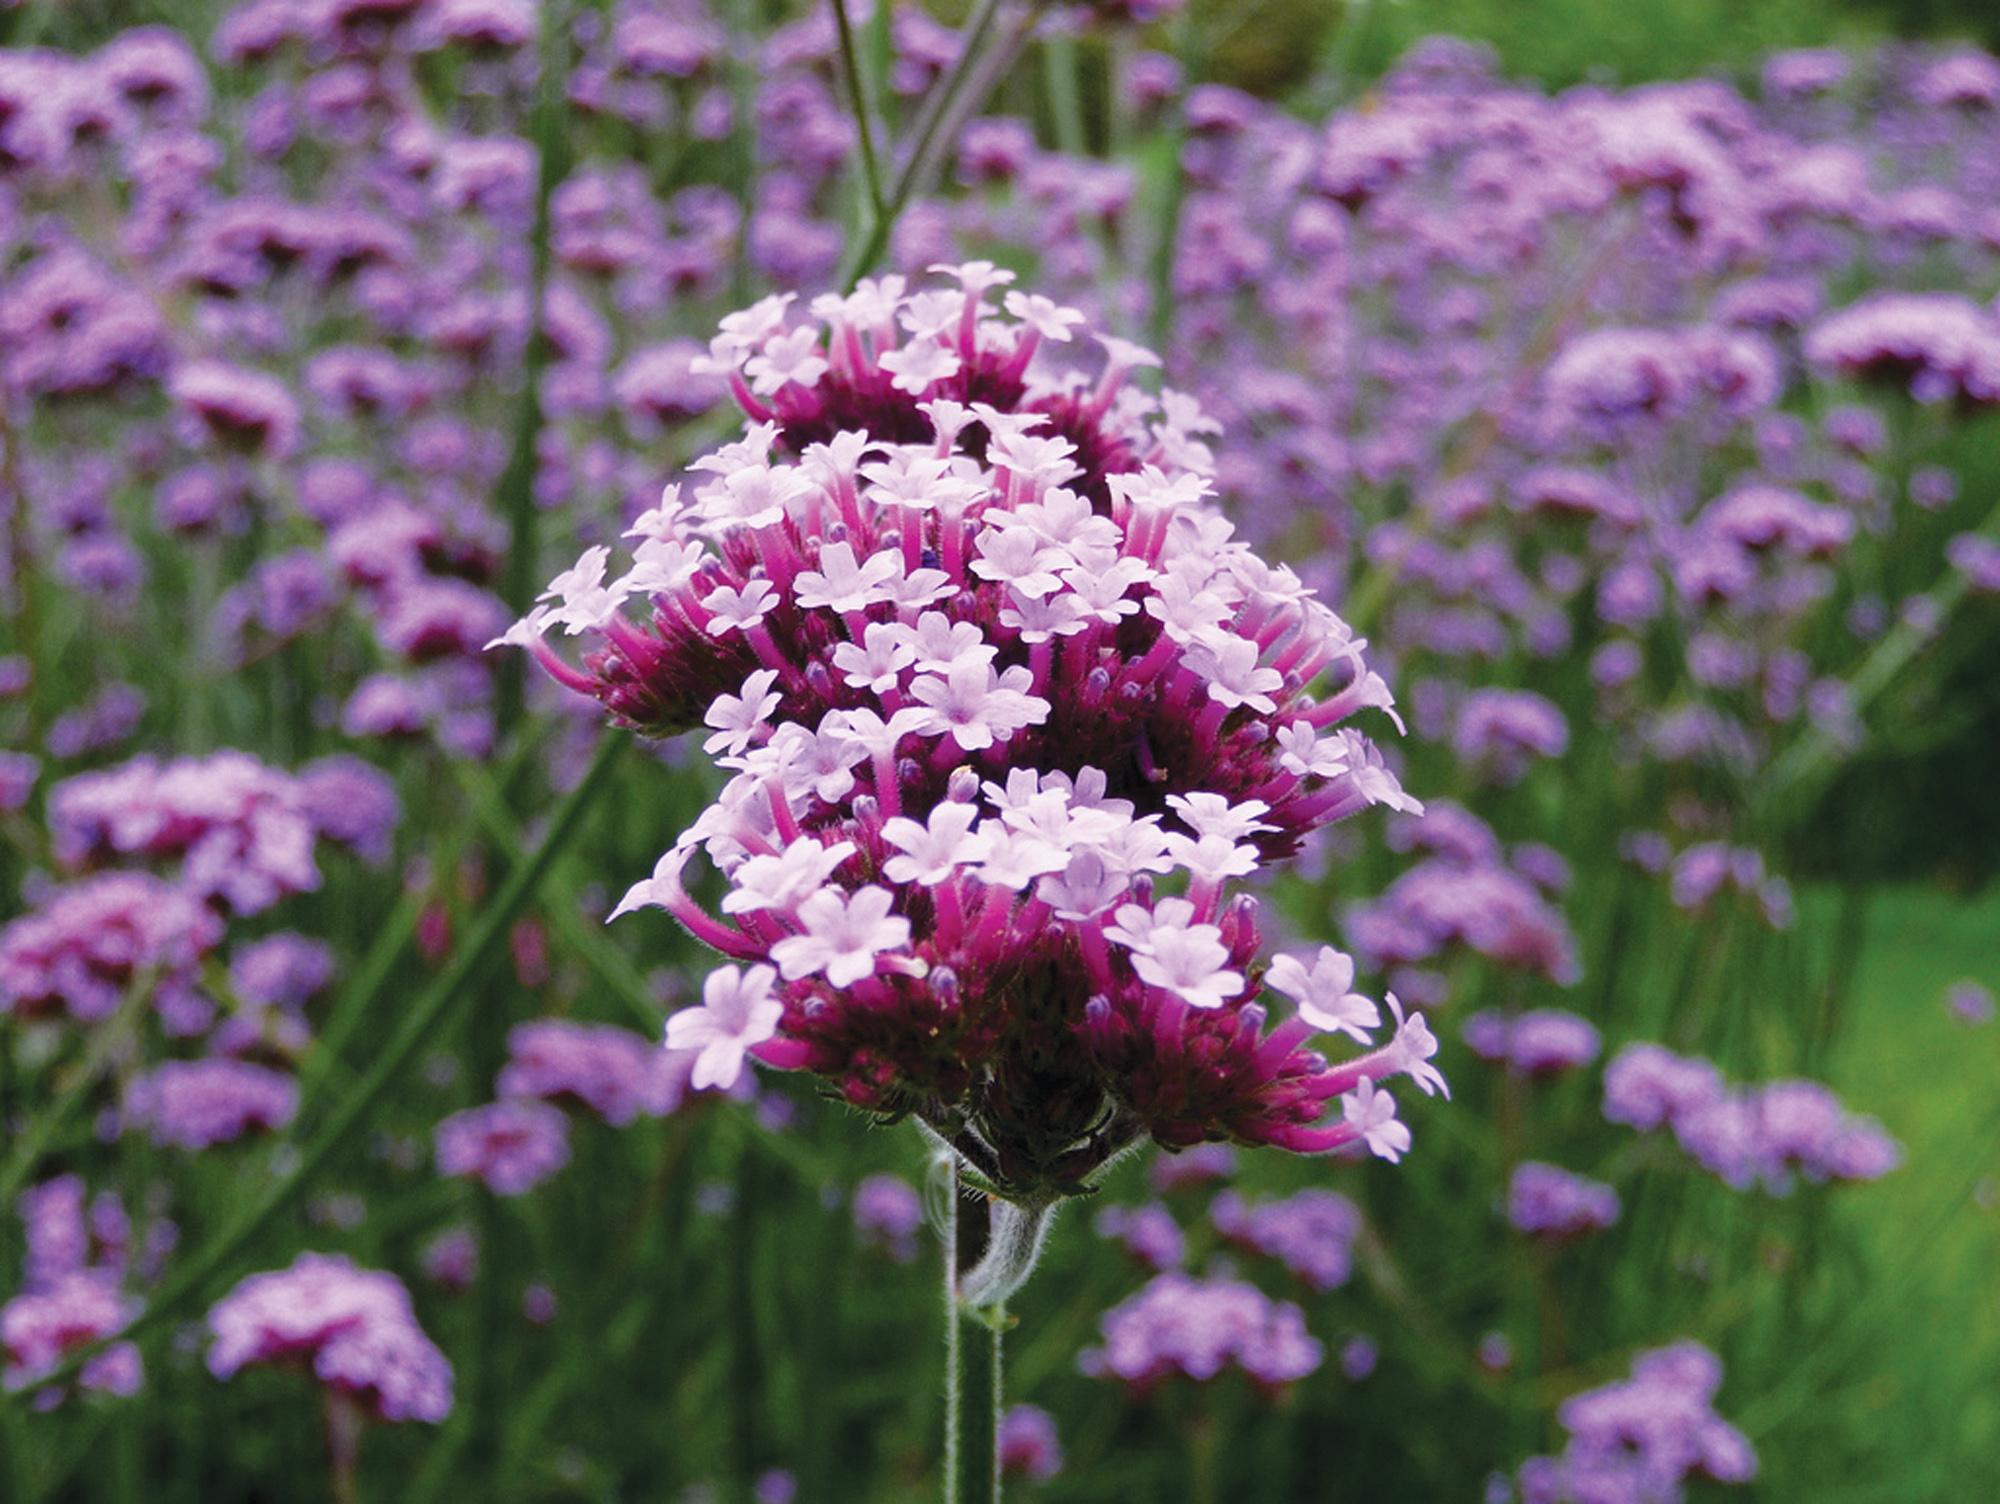 Vaste Planten Tuin : Vaste planten kopen voor uw tuin tuincentrum de molen